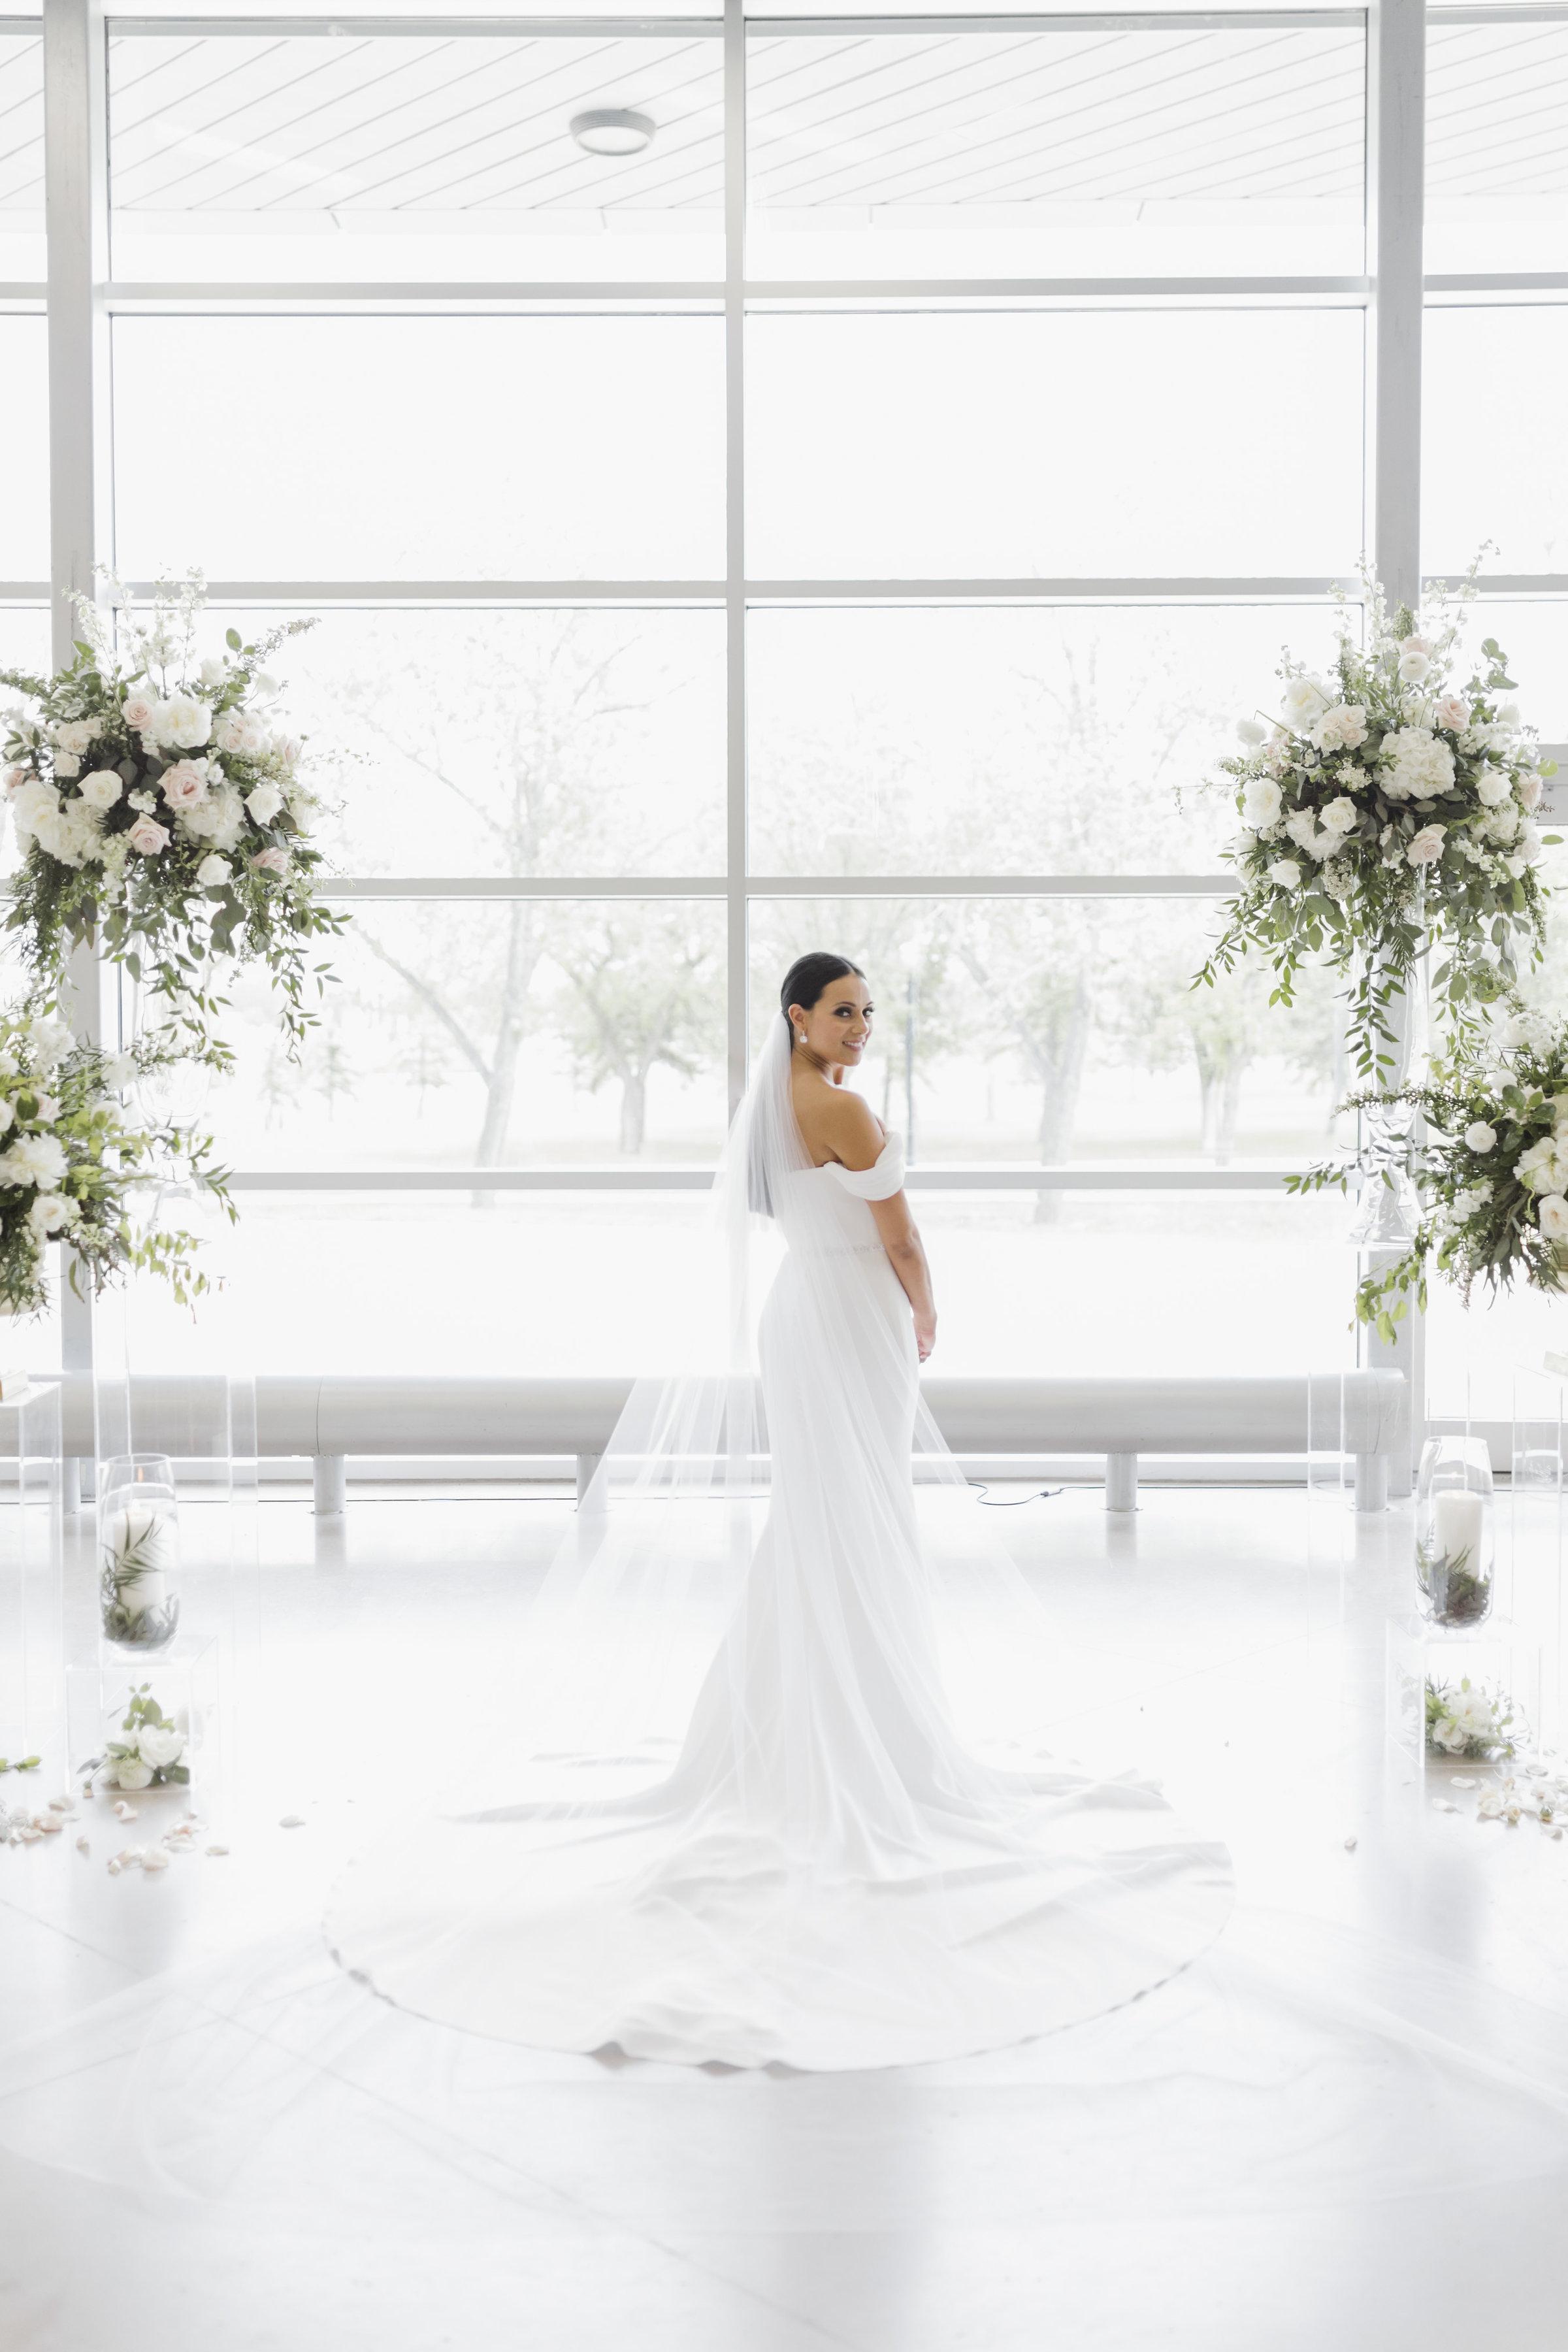 AndreaTom_wedding_finals_299.jpg